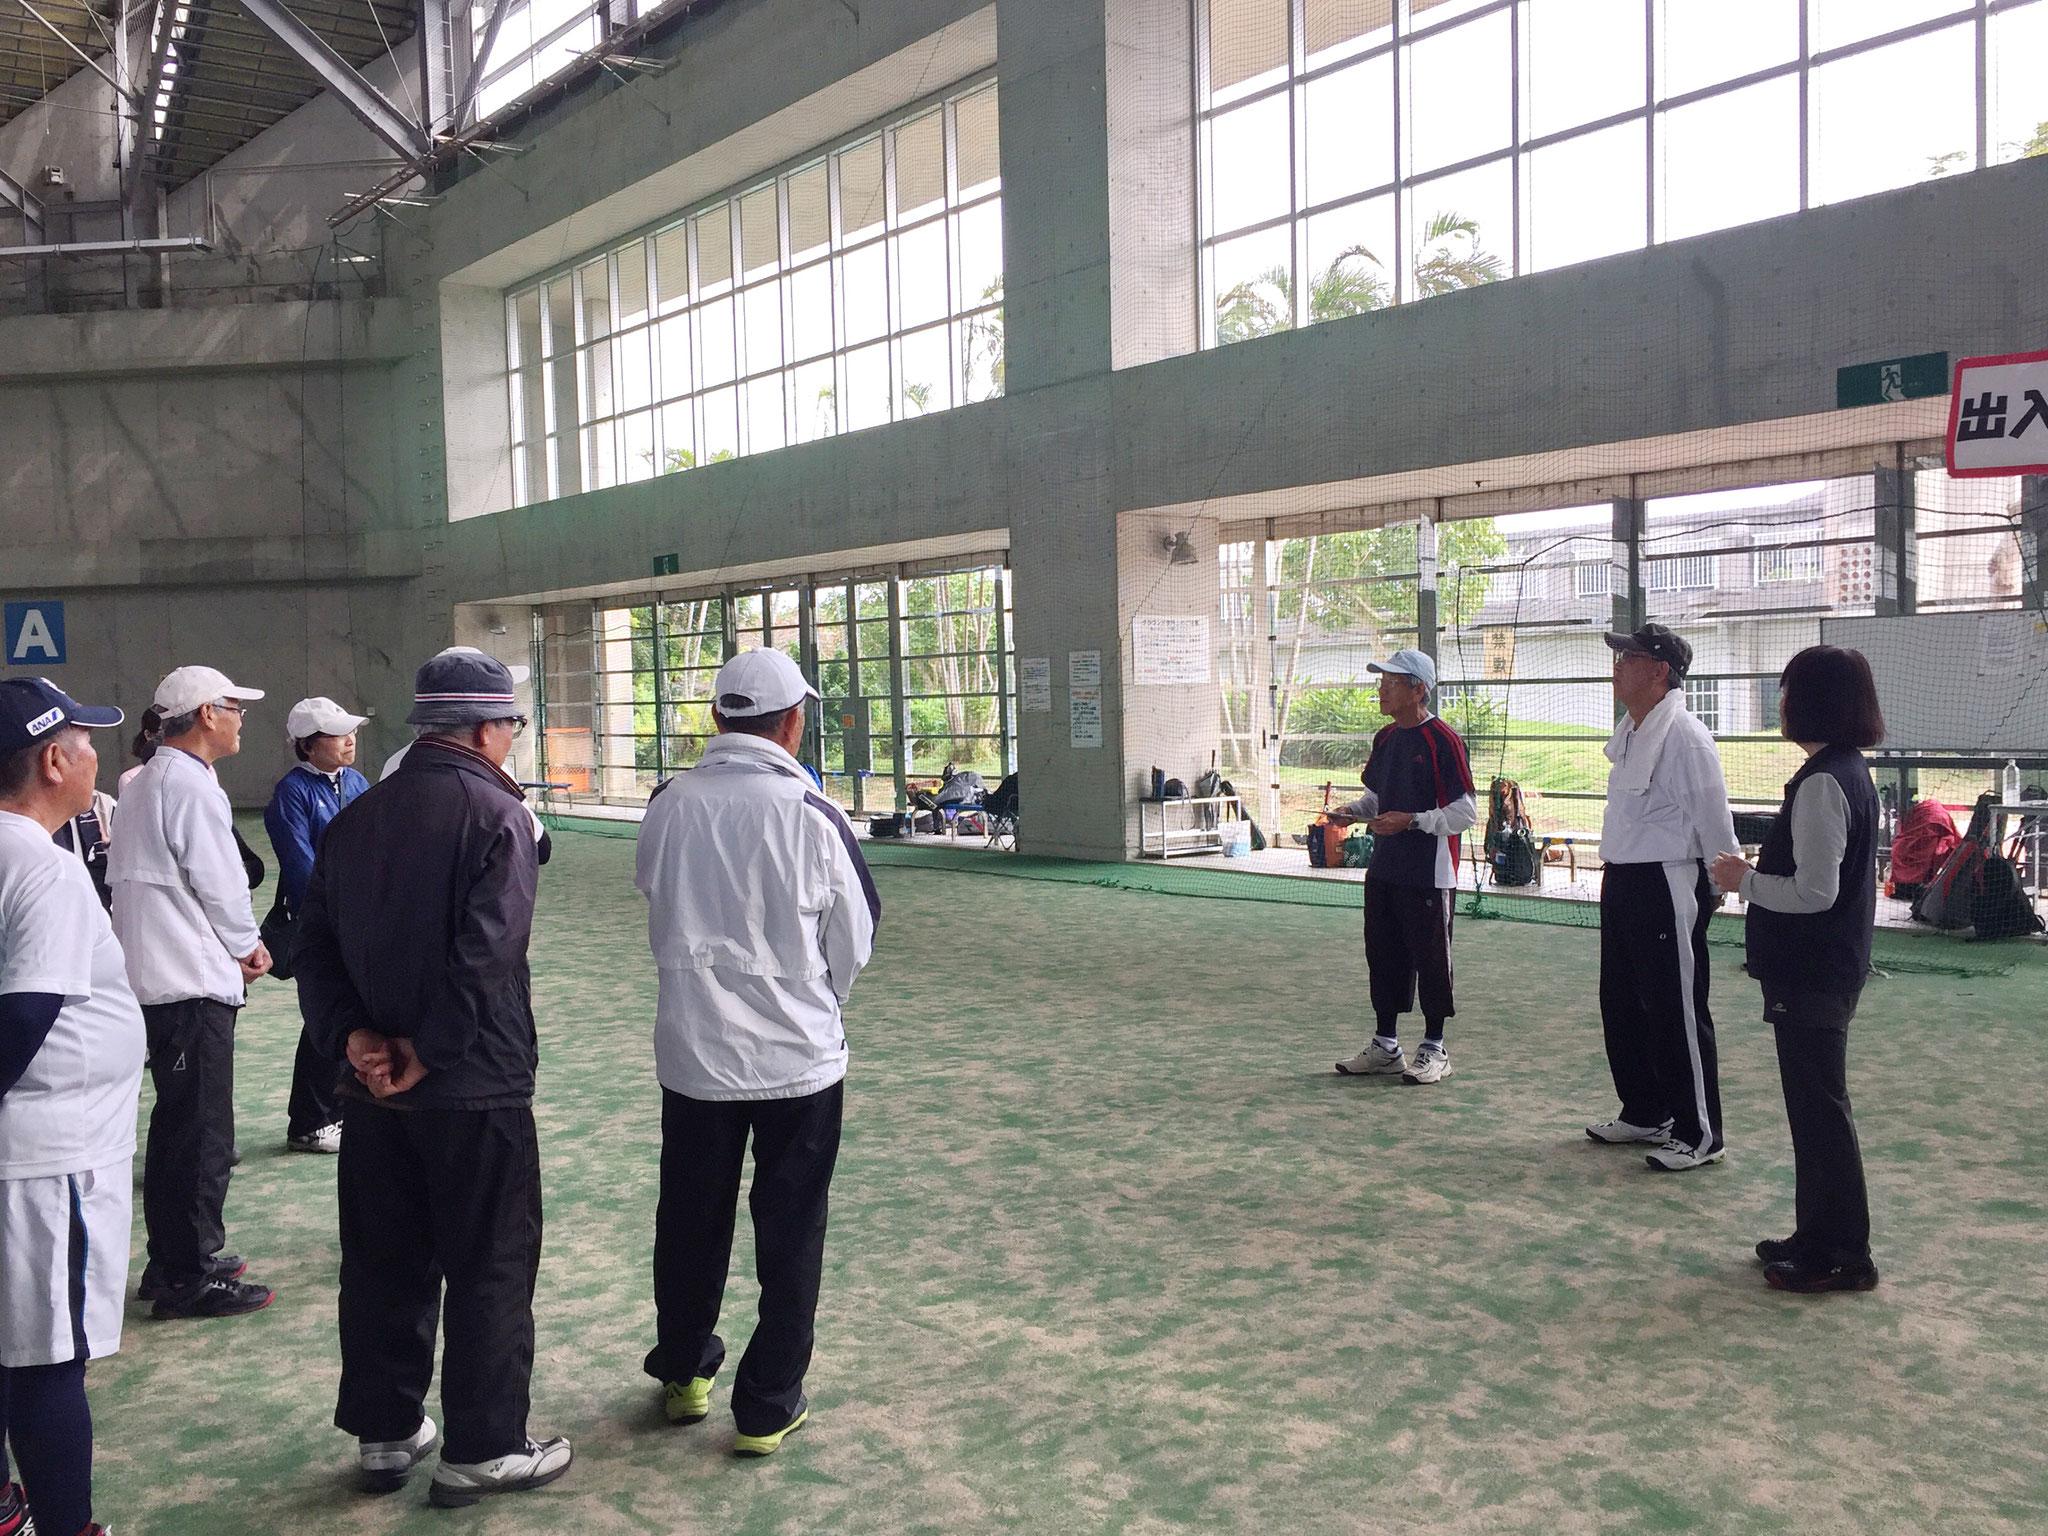 第47回沖縄県シニアテニス連盟親睦オープンテニス大会の風景